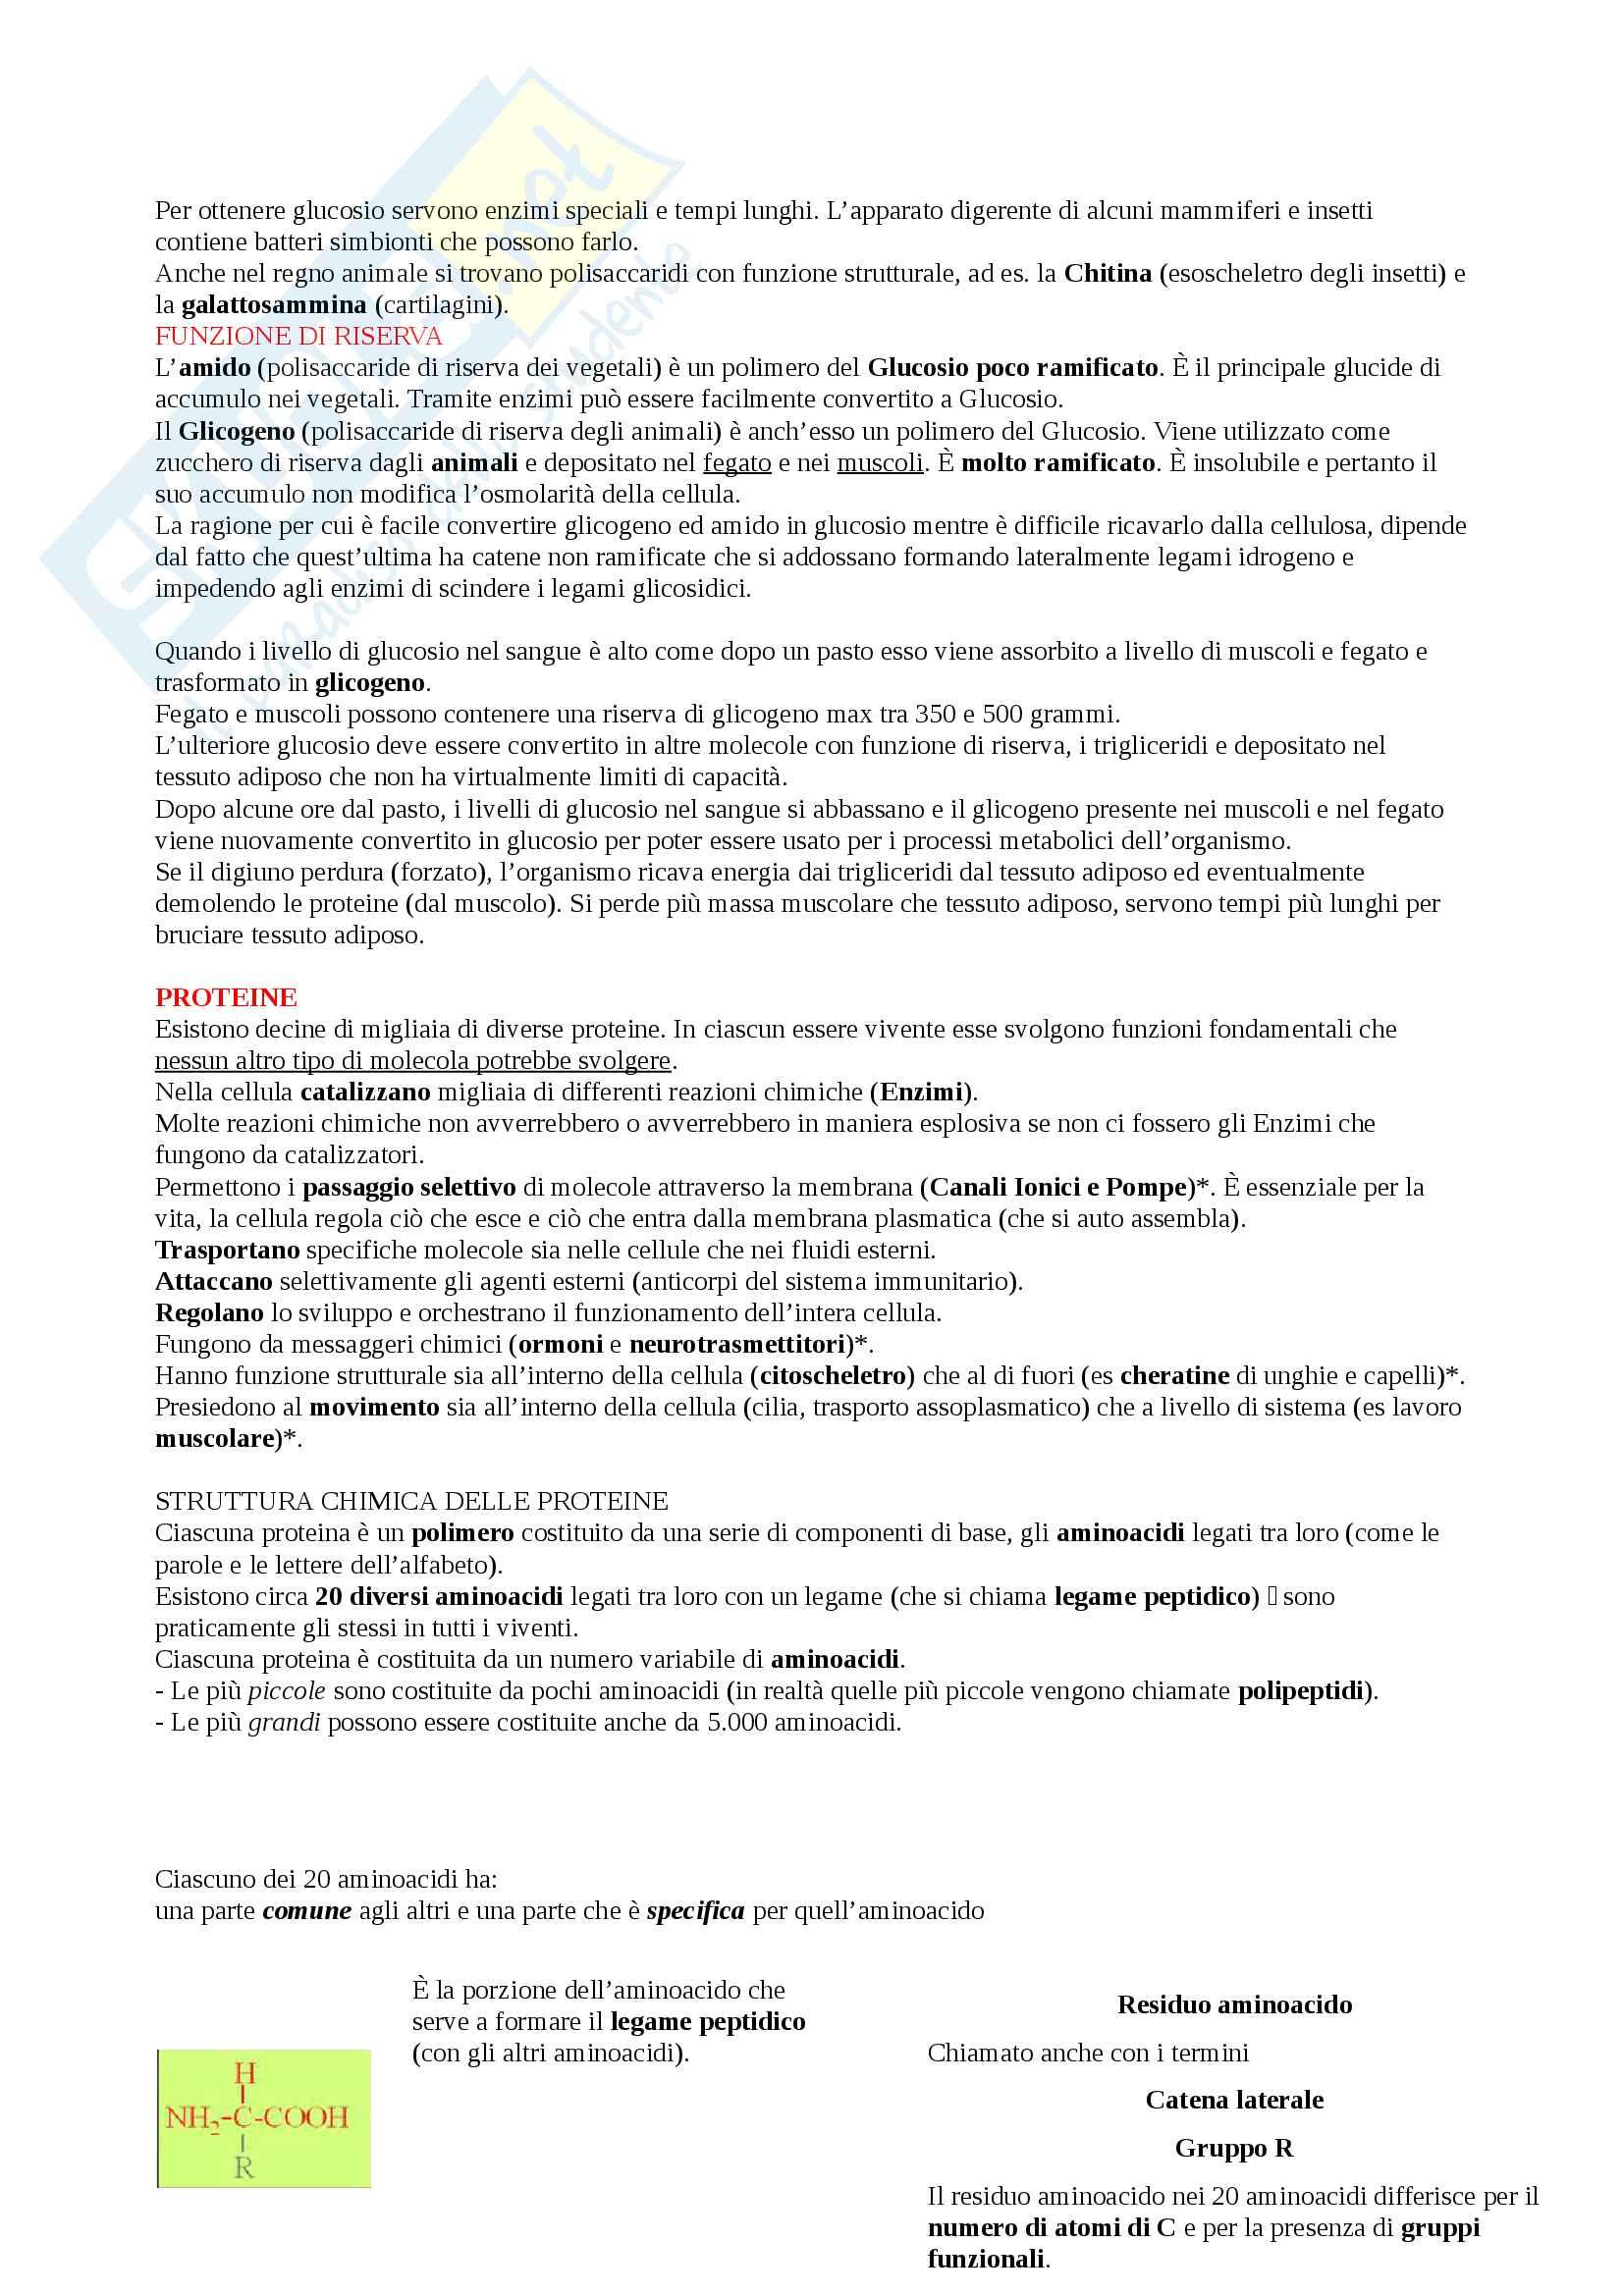 Appunti Biologia-Chimica per superare OFA!! Utile anche per superare il Test d'ingresso Pag. 11